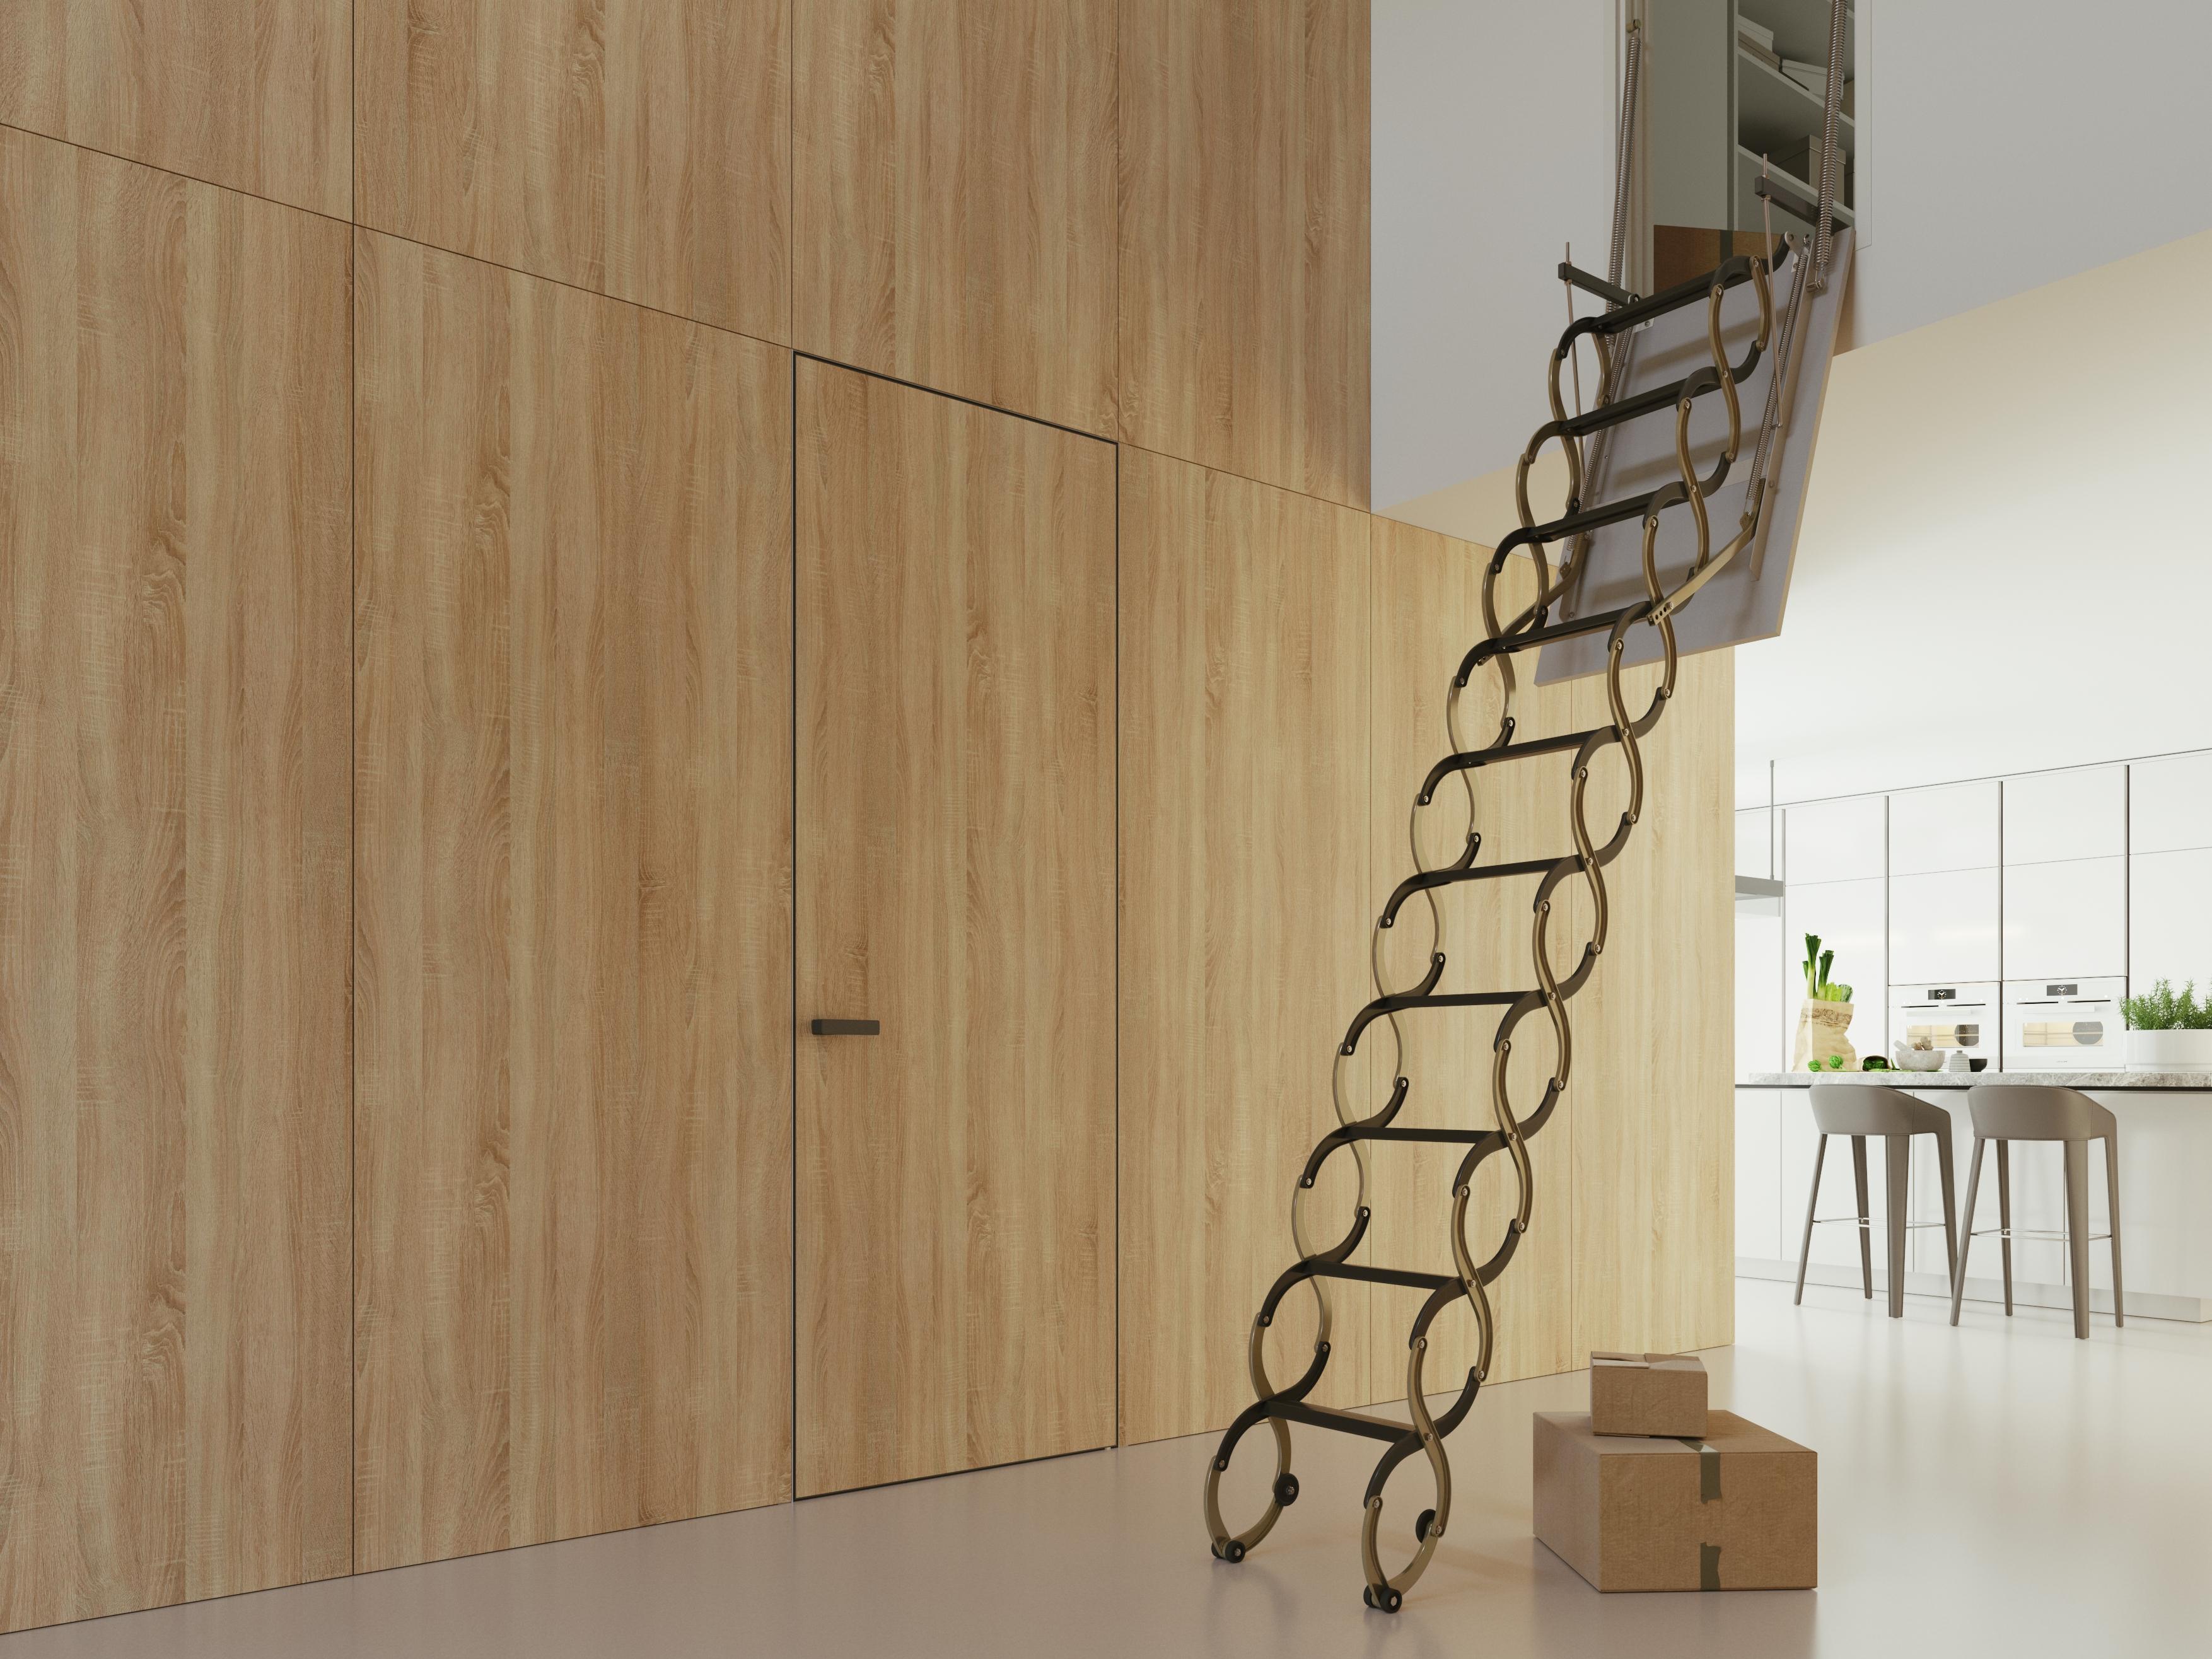 stahovaci schody VERTICALE bile viko foto zdroj JAP FUTURE 2